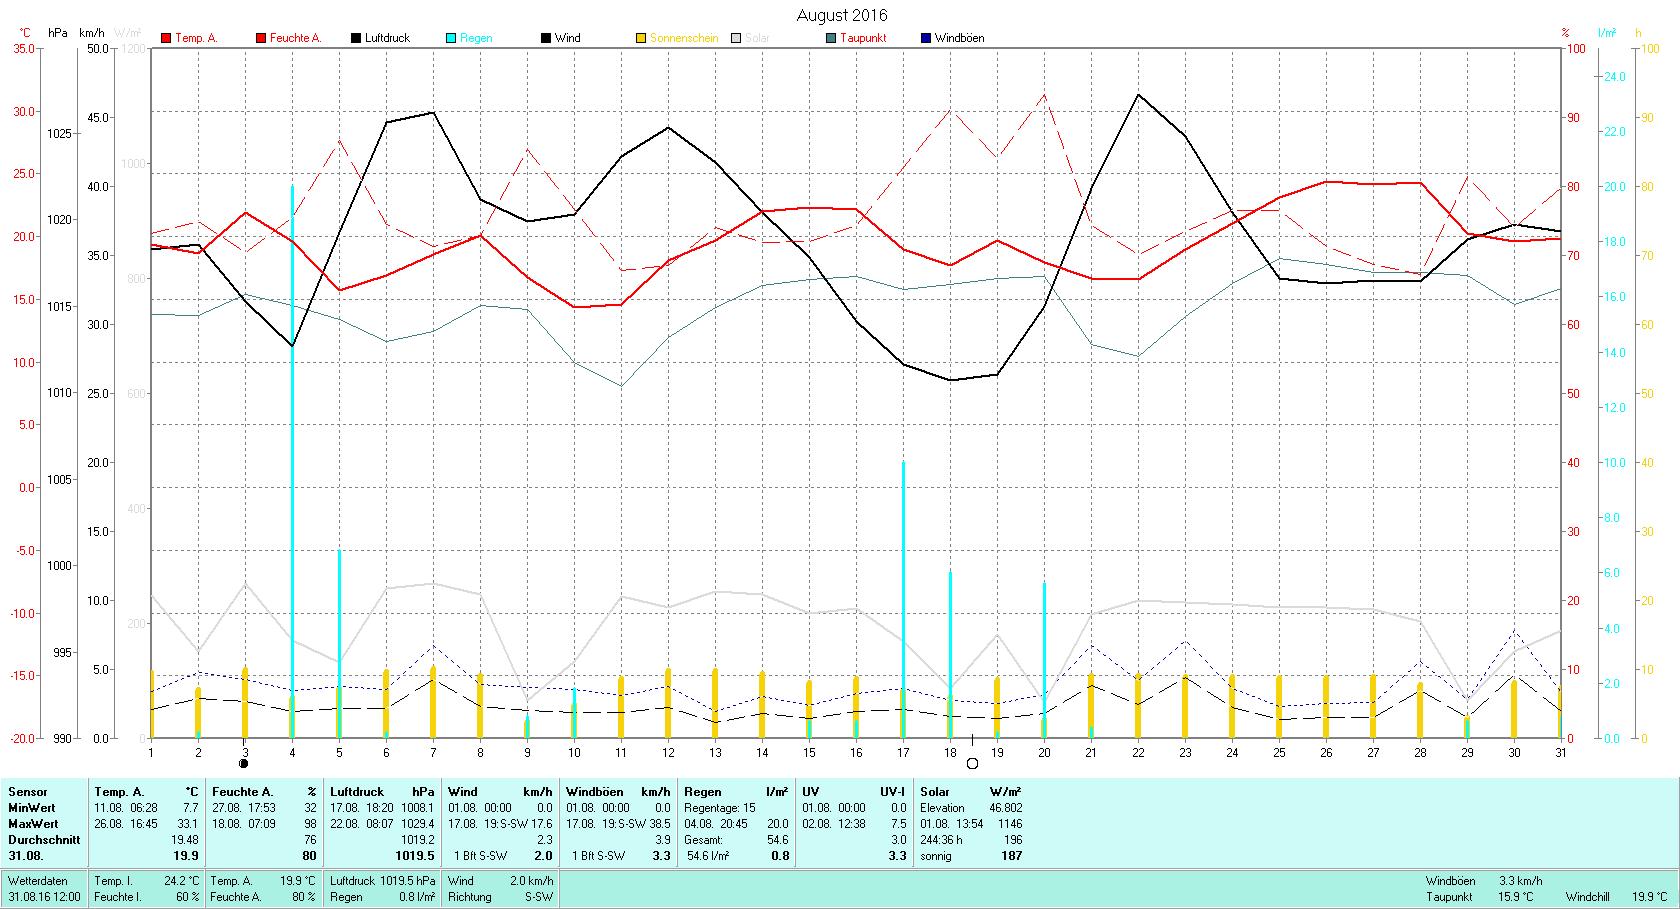 August 2016 Tmin 7.7°C, Tmax 33.1°C, Sonne 244:36h, Niederschlag 54.6mm/2